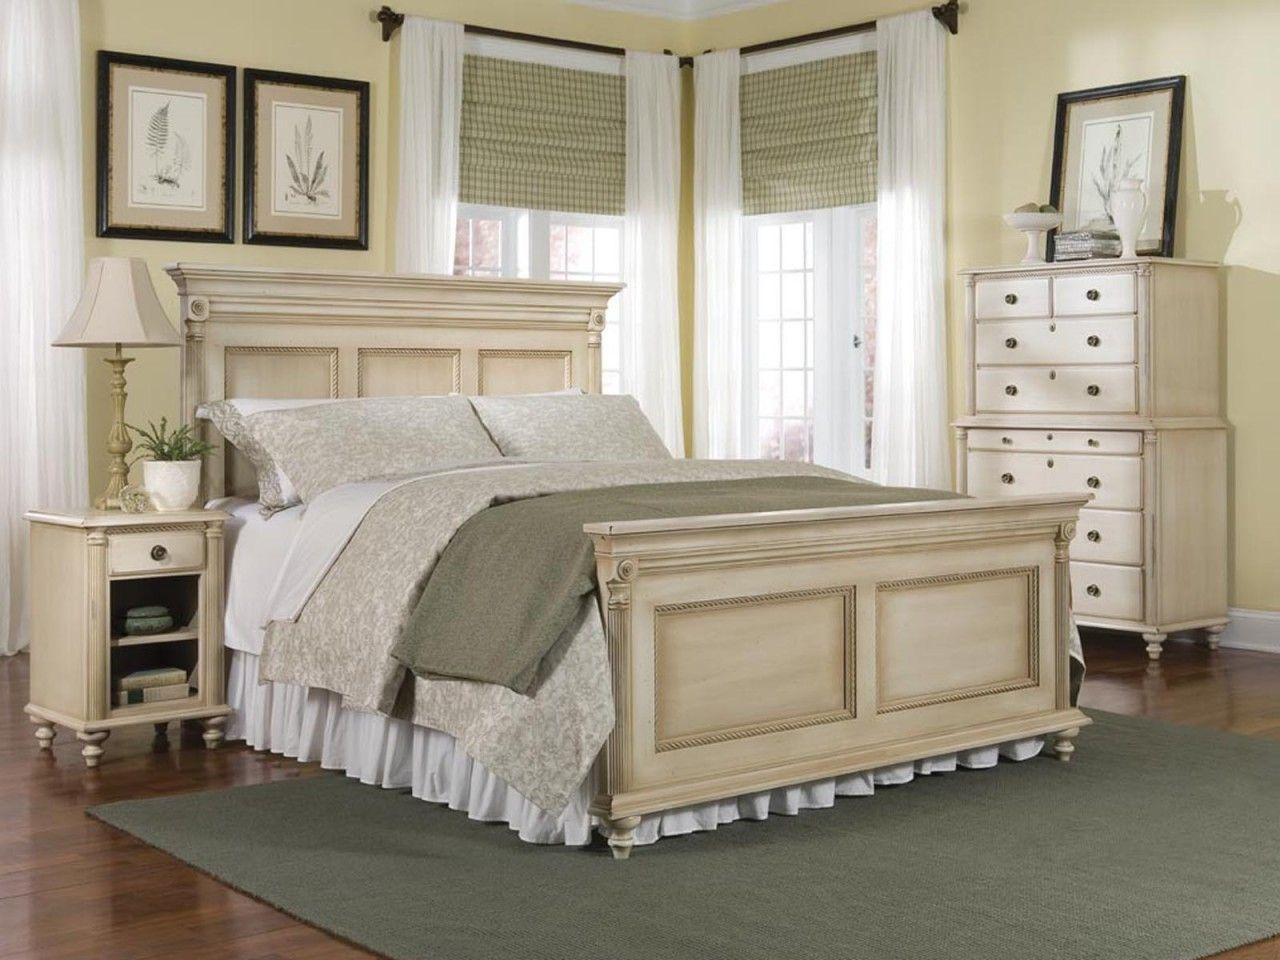 Cream bedroom decor bedroom decor pinterest cream bedrooms